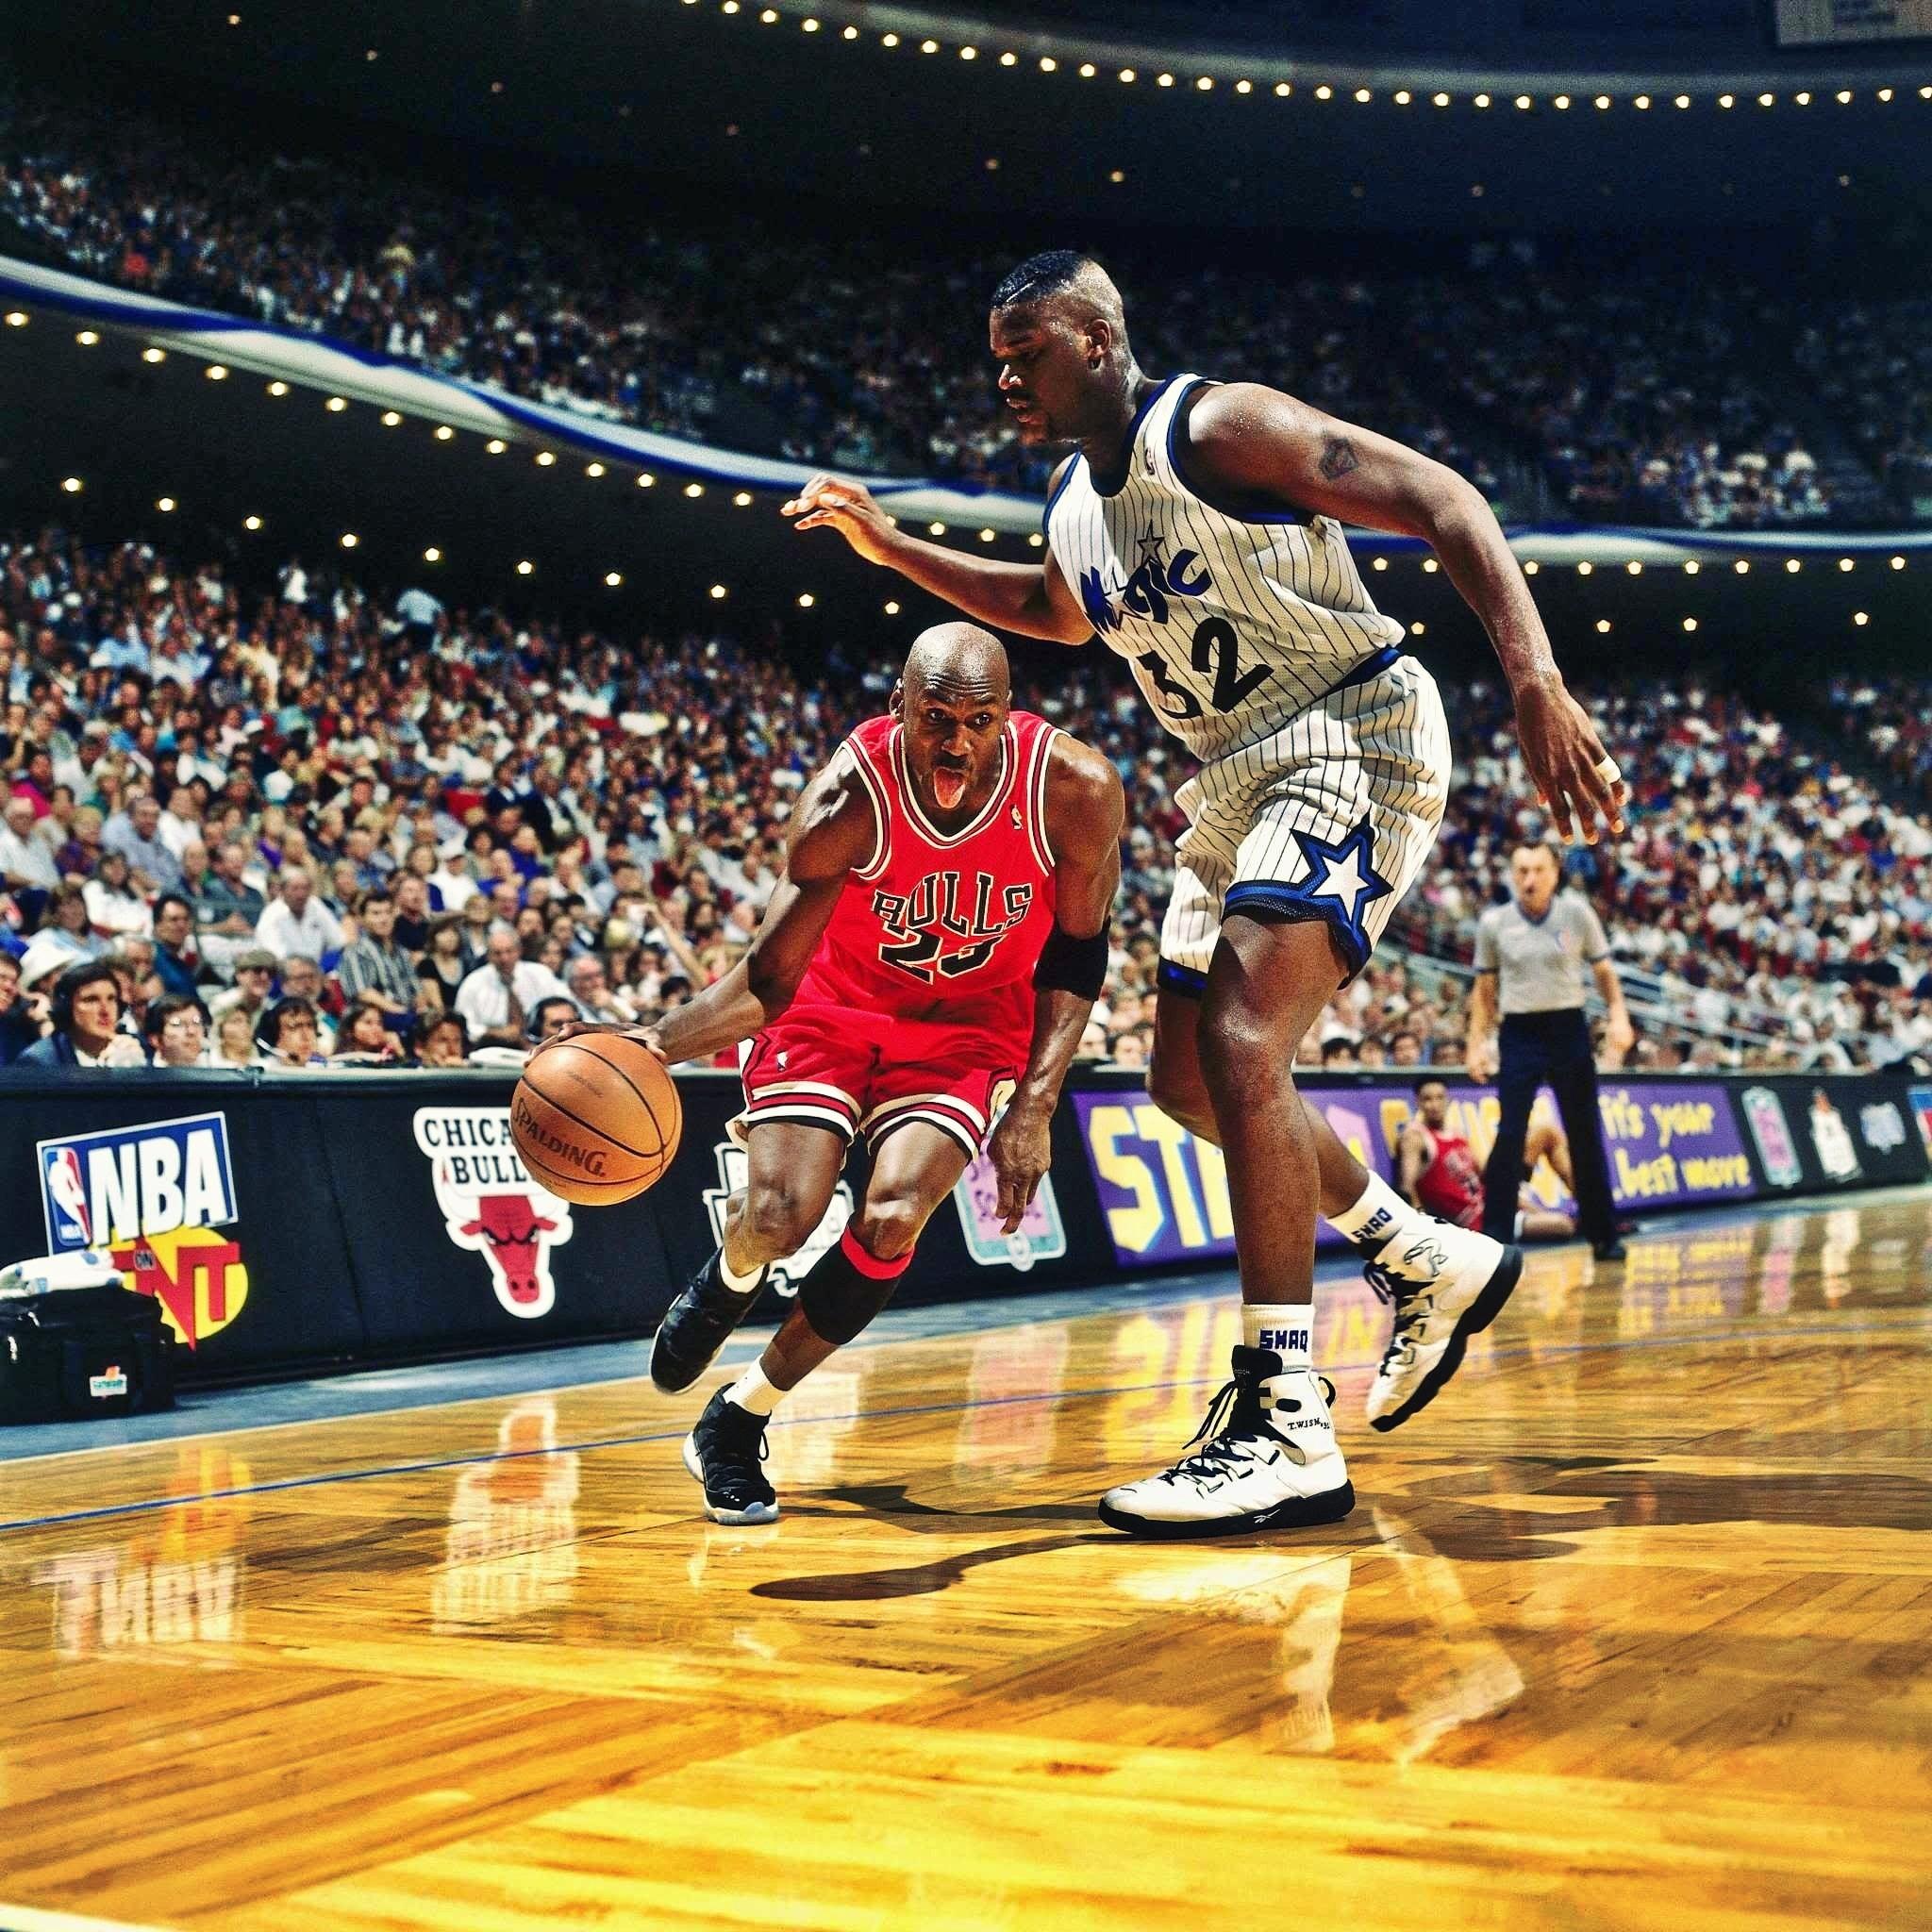 Knight Basketball Player Wallpaper: 배경 화면 : 스포츠, 마이클 조던, 슬램 덩크, 플레이어, 농구 선수, 볼 게임, 단체 경기, 농구